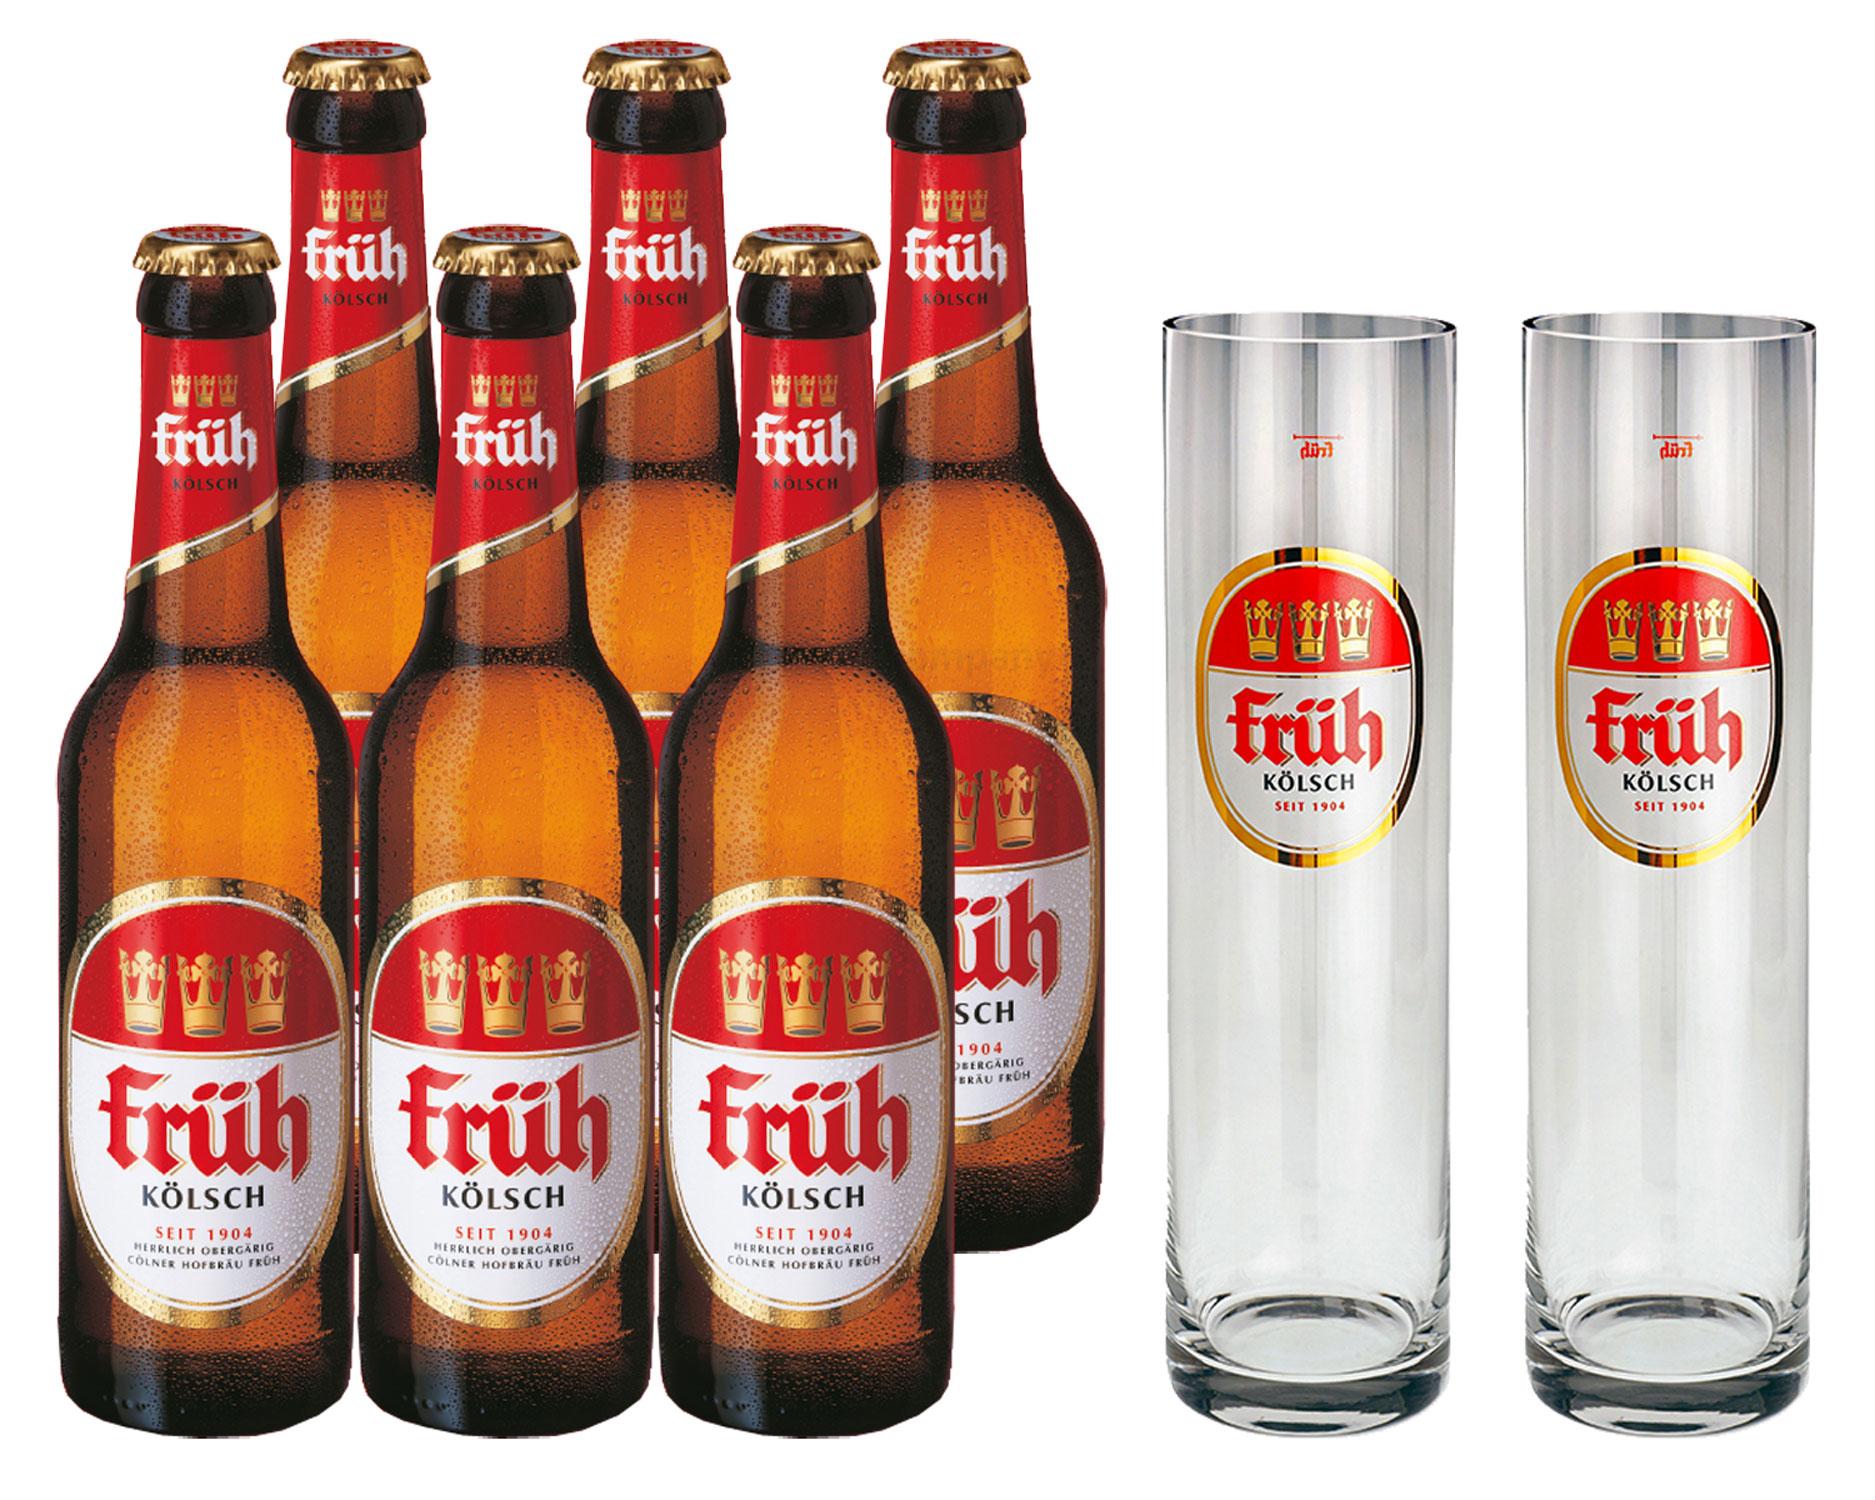 Früh Kölsch Set - 6x Früh Kölsch Bier 0,33L (4,8% Vol) + 2x Biergläser / Stangen 0,2L -[Enthält Sulfite] - Inkl. Pfand MEHRWEG